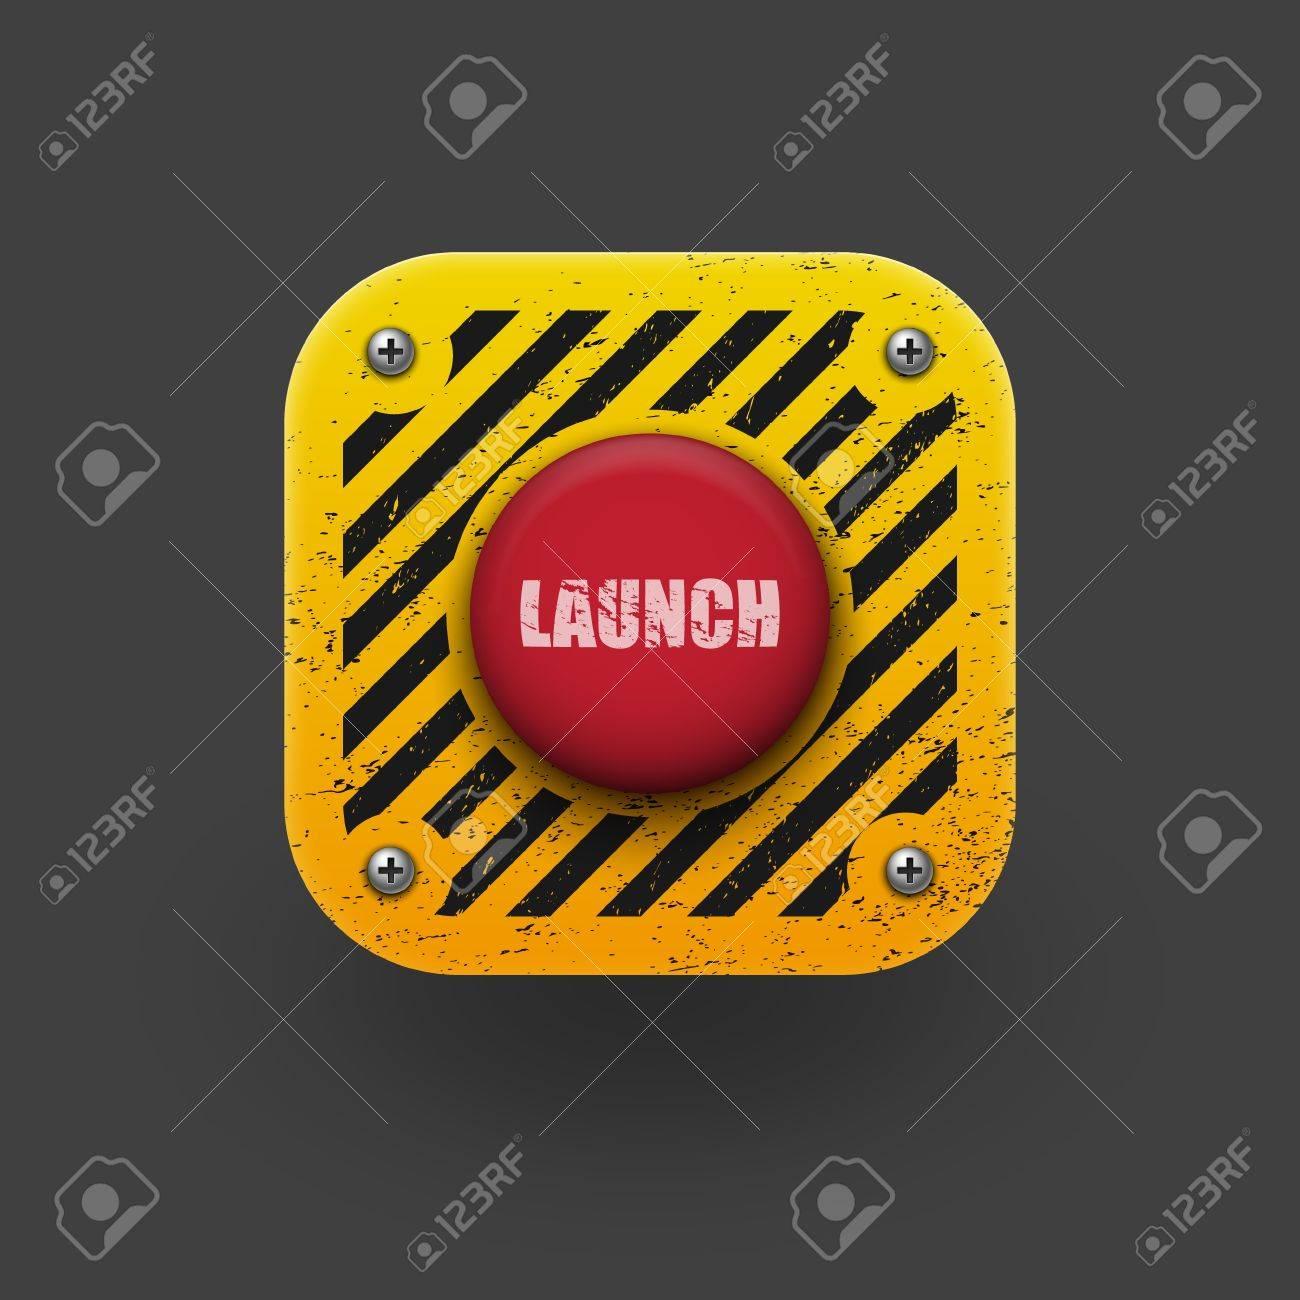 Launch button icon  Vector eps10 Stock Vector - 19681100